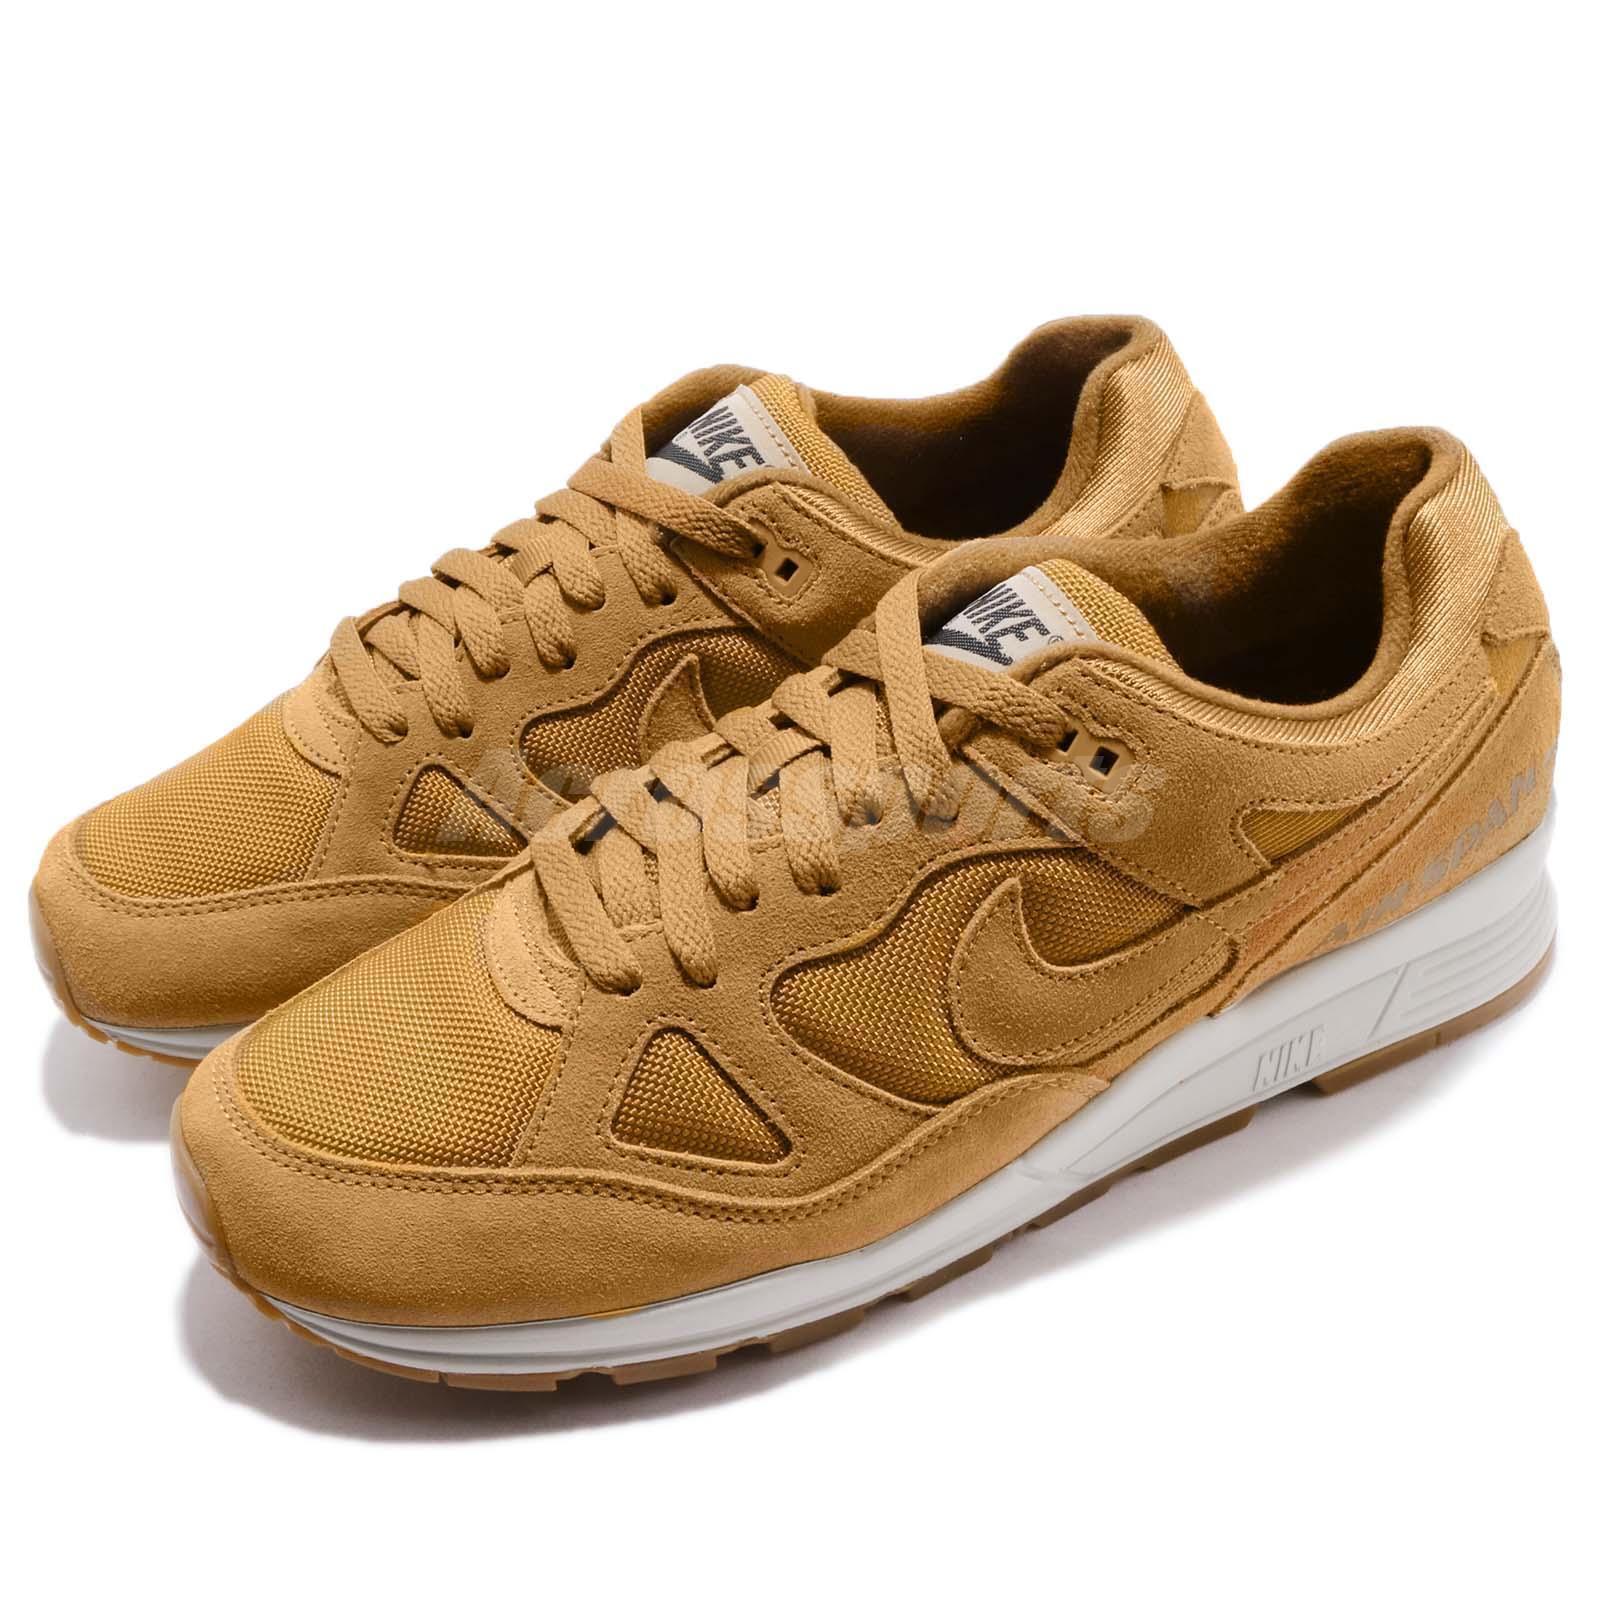 Nike Air Span II 2 Retro QS Men Vintage Sneaker Running Shoe Sneaker Vintage Pick 1 27bdb1